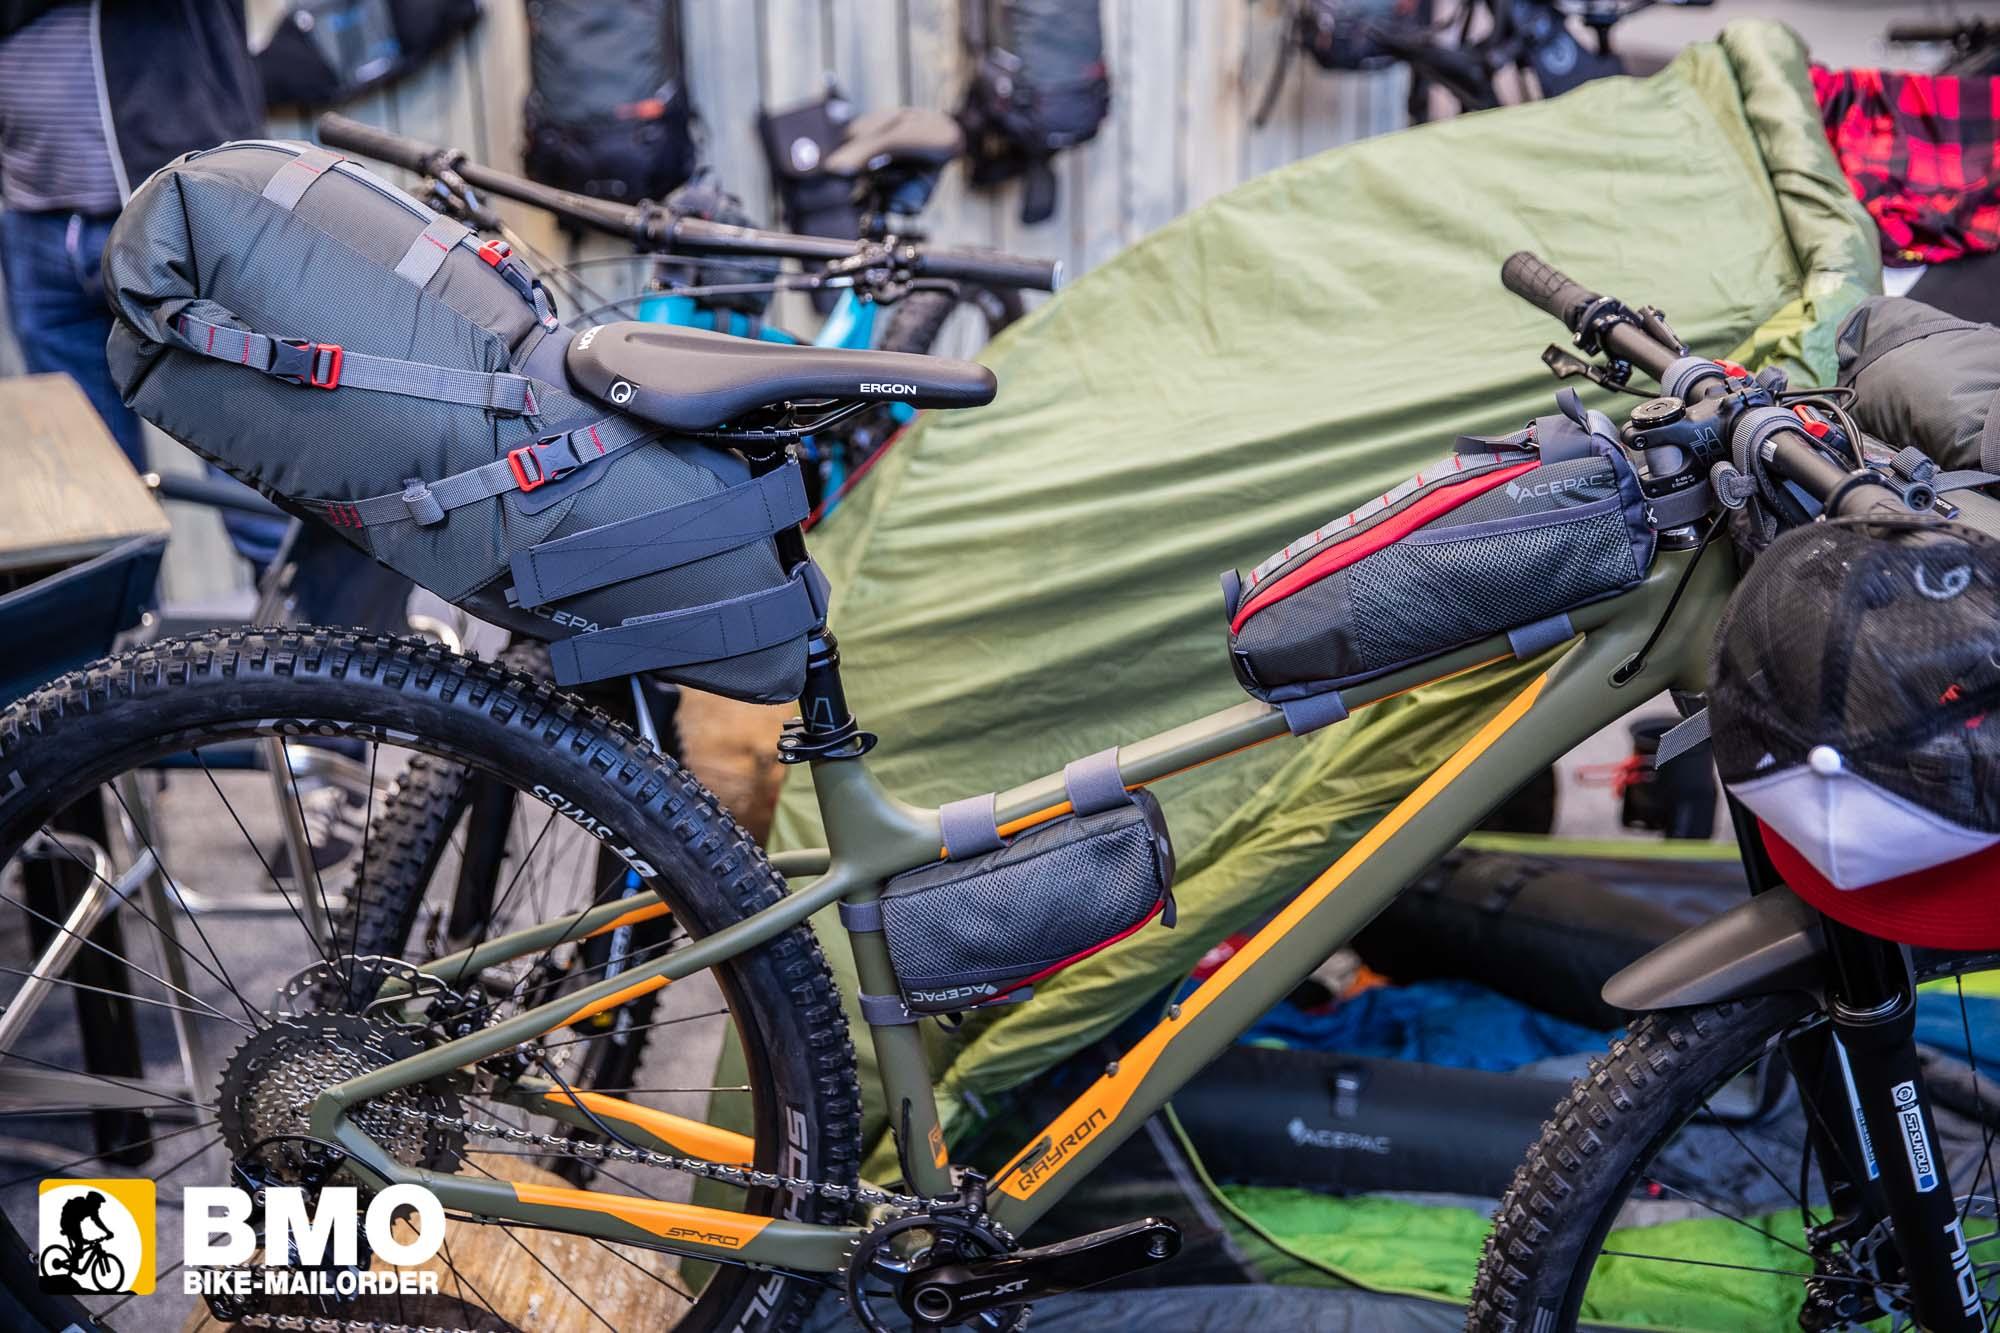 Bike-Mailorder_eurobike-2019-10